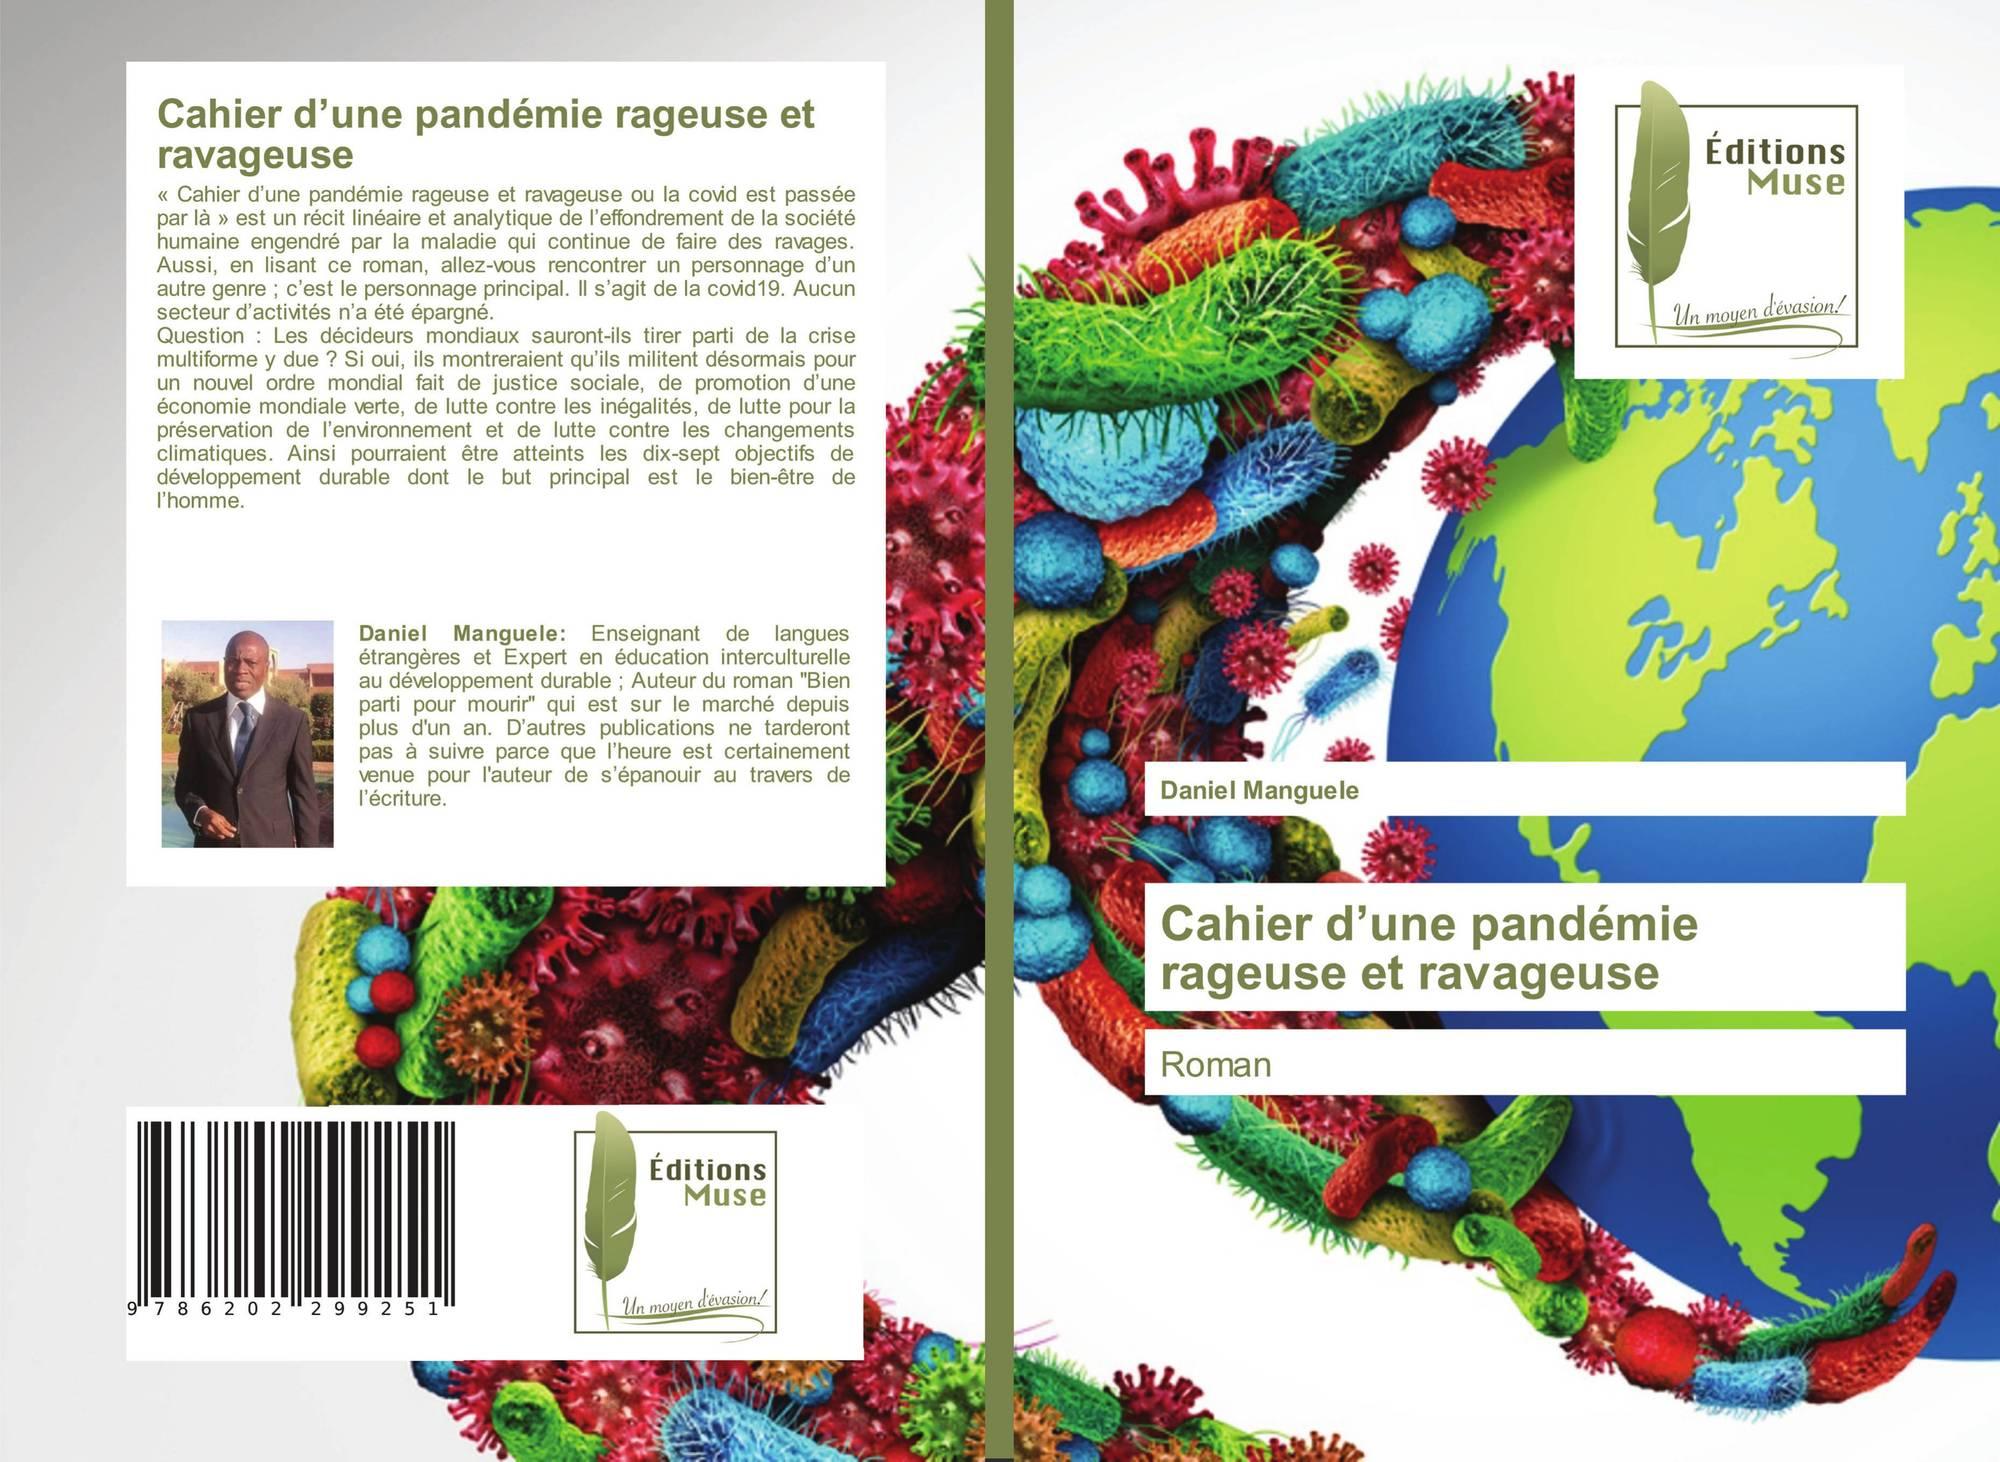 Cahier d'une pandémie rageuse et ravageuse, 978-620-2-29925-1, 6202299258  ,9786202299251 de Daniel Manguele